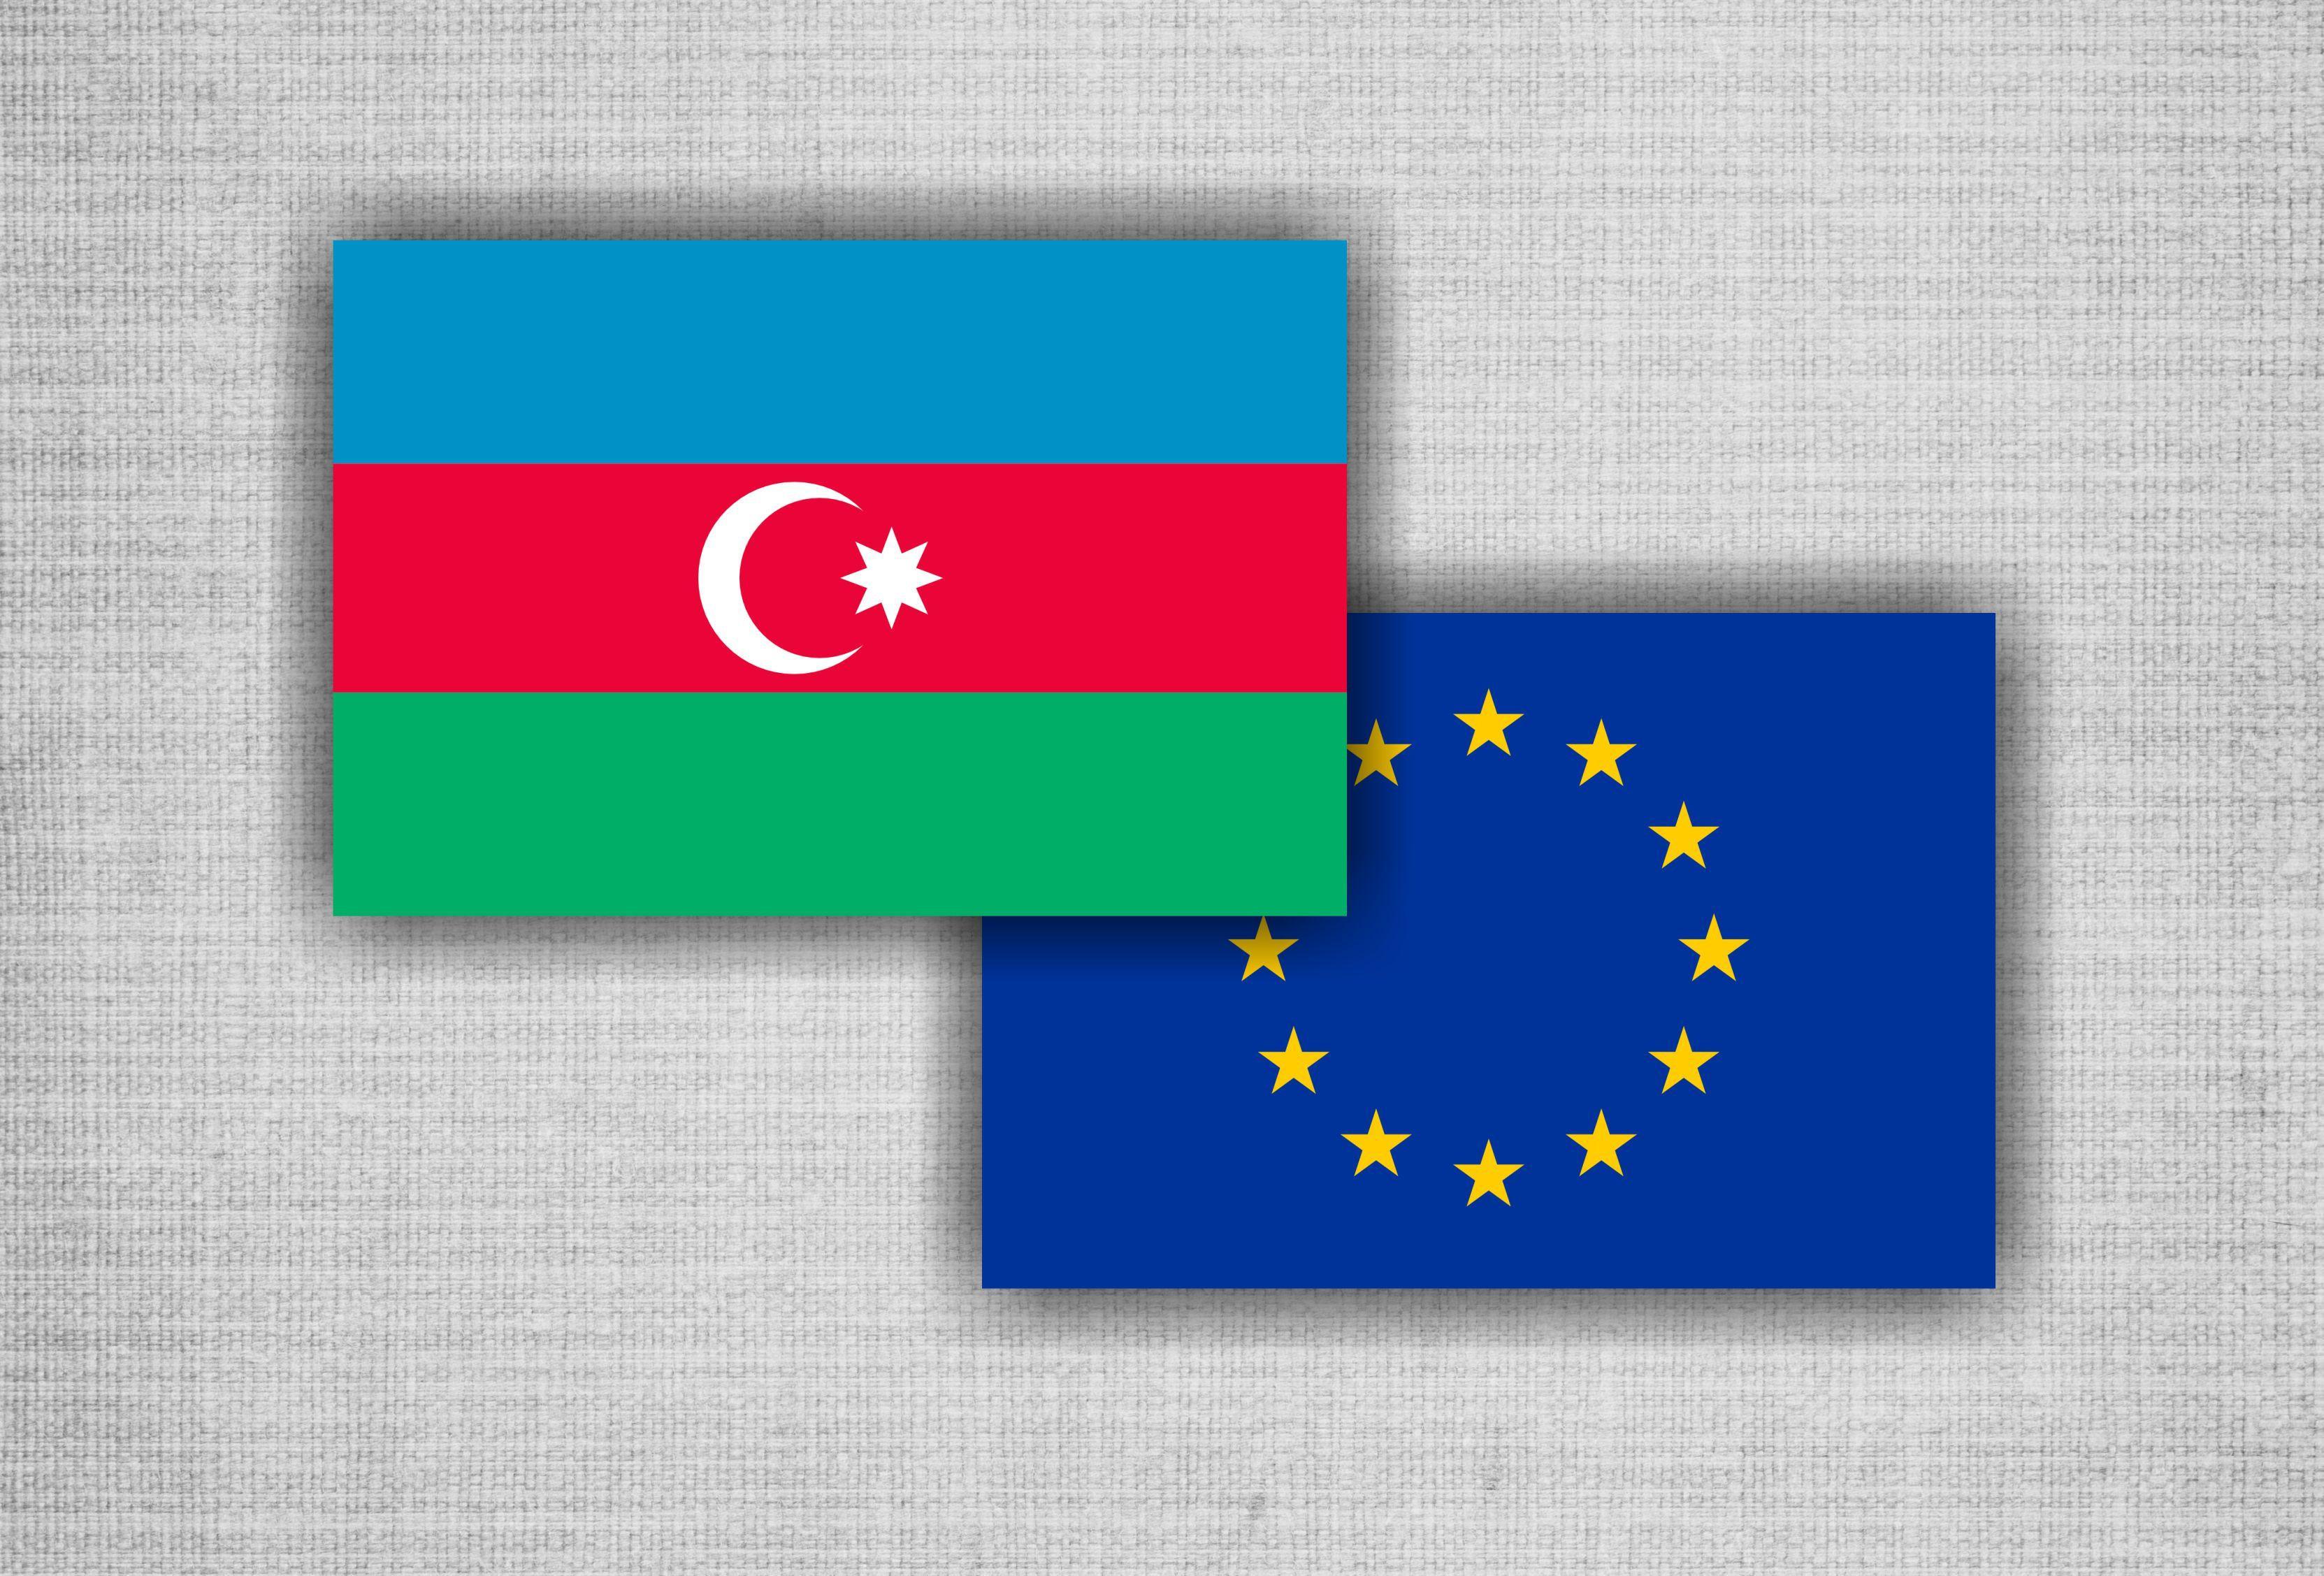 Утвержден документ касательно рамочного соглашения между Азербайджаном и ЕС